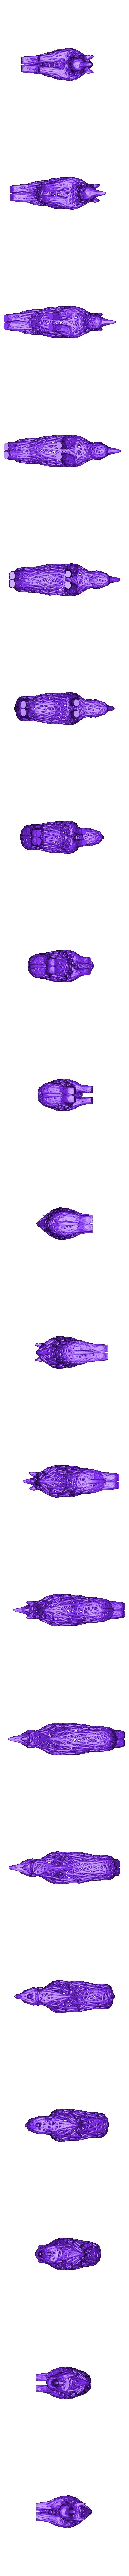 rhino voro.stl Télécharger fichier STL Rhino Voronoï • Design pour imprimante 3D, motek